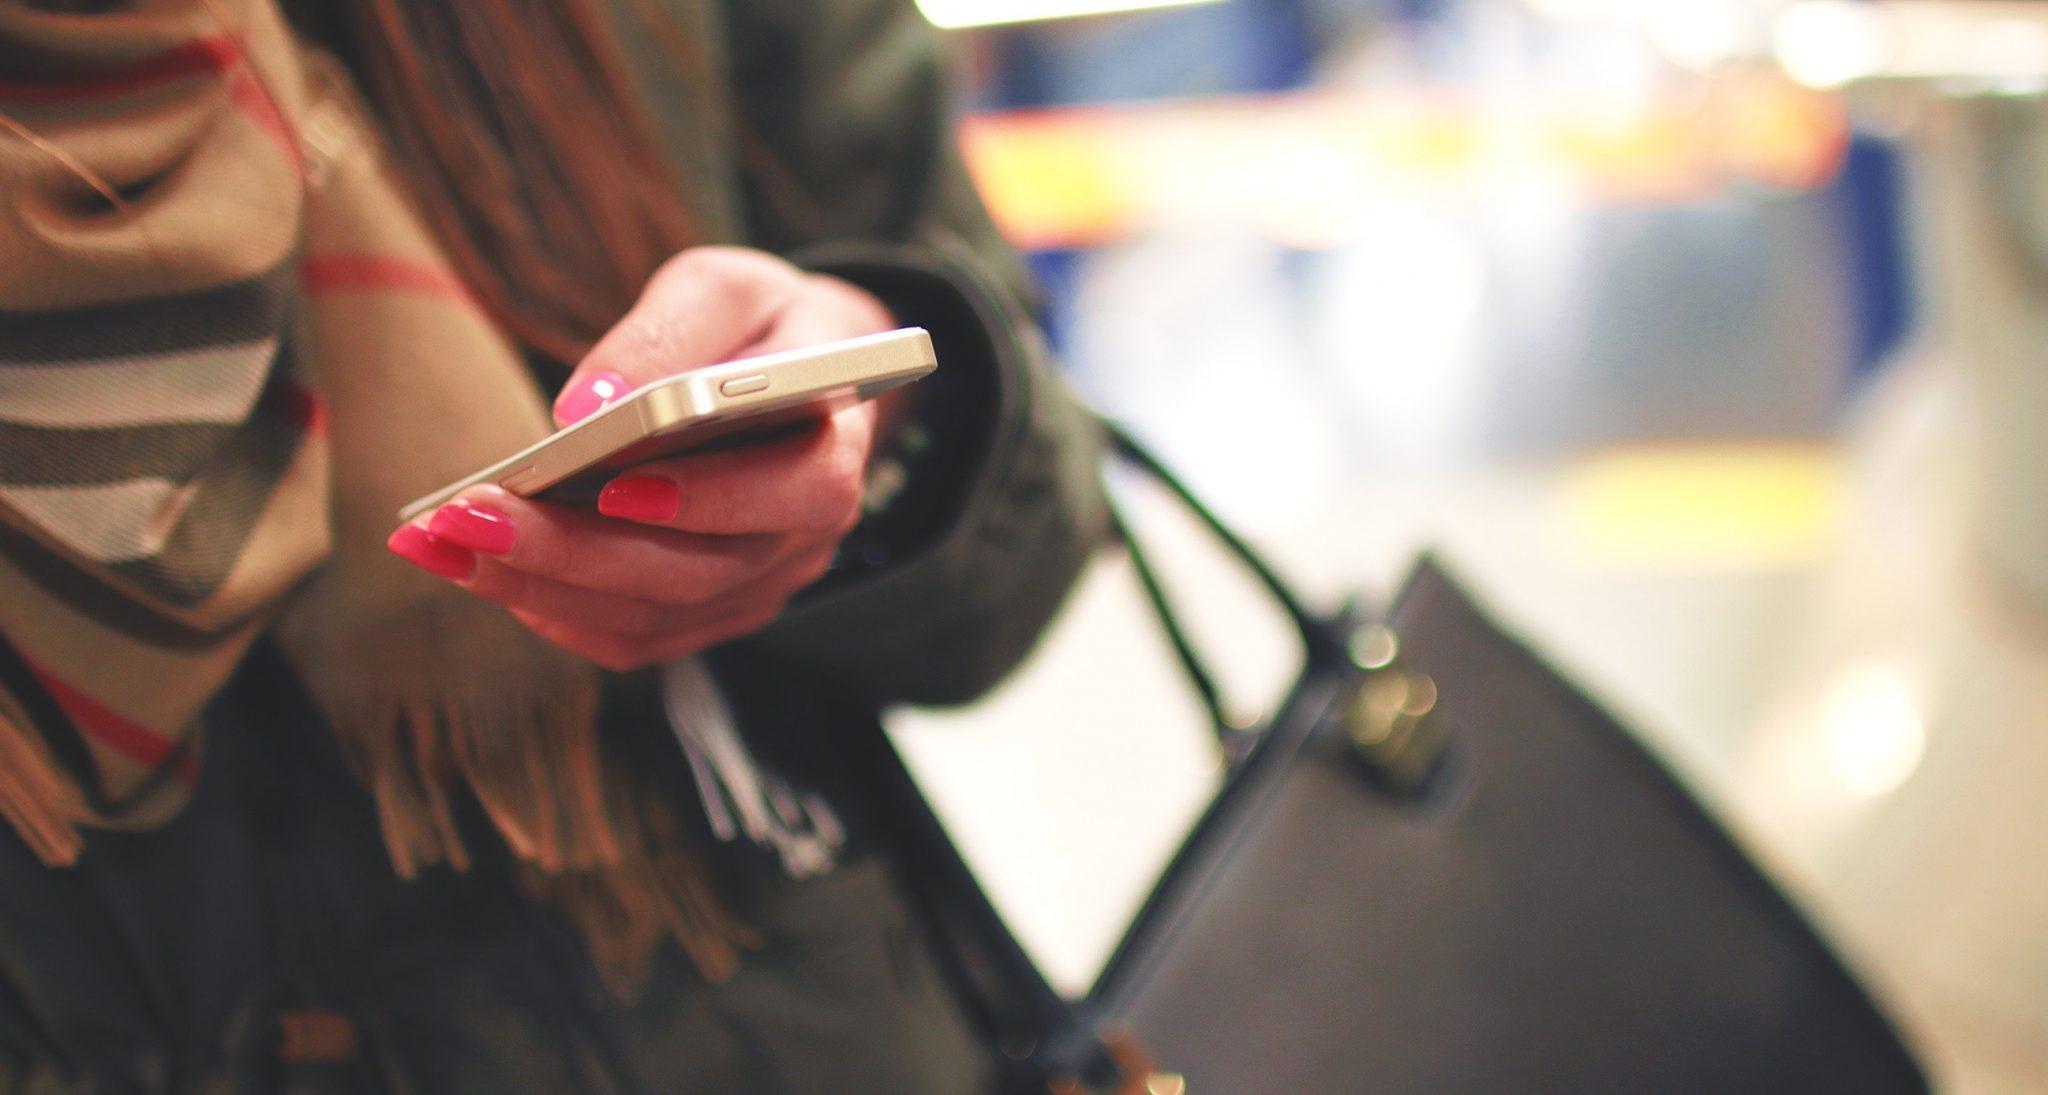 woman mobile shopping